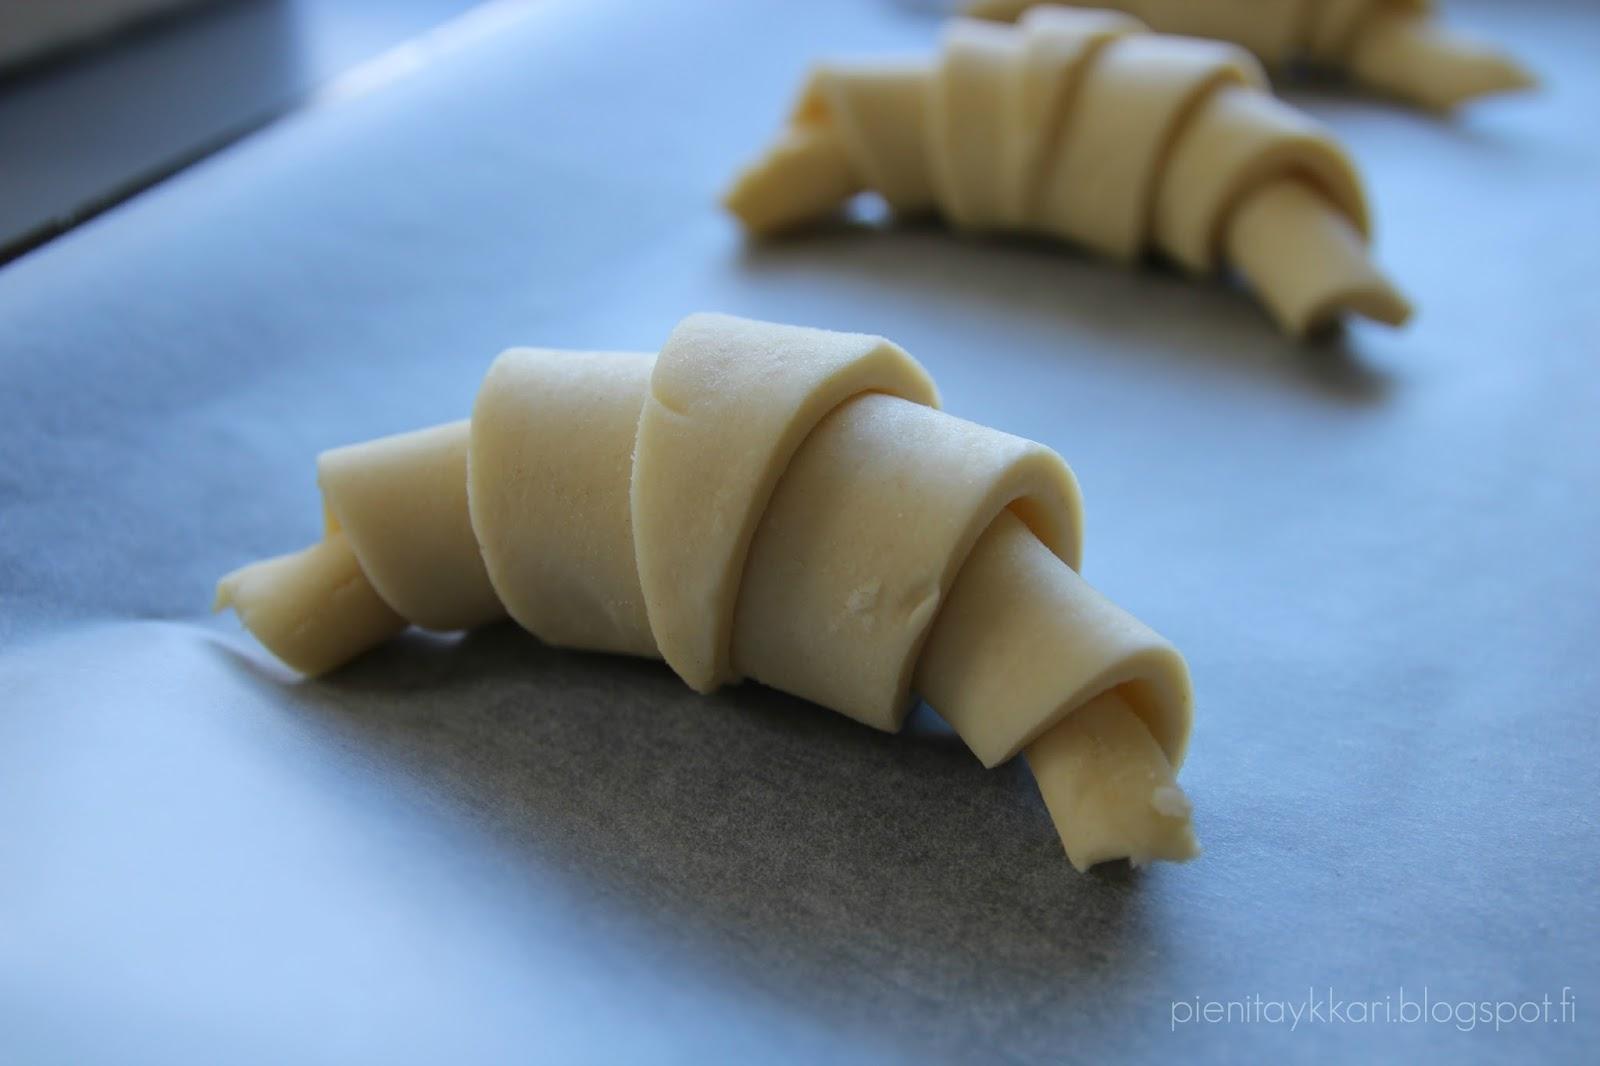 valmis croissant taikina